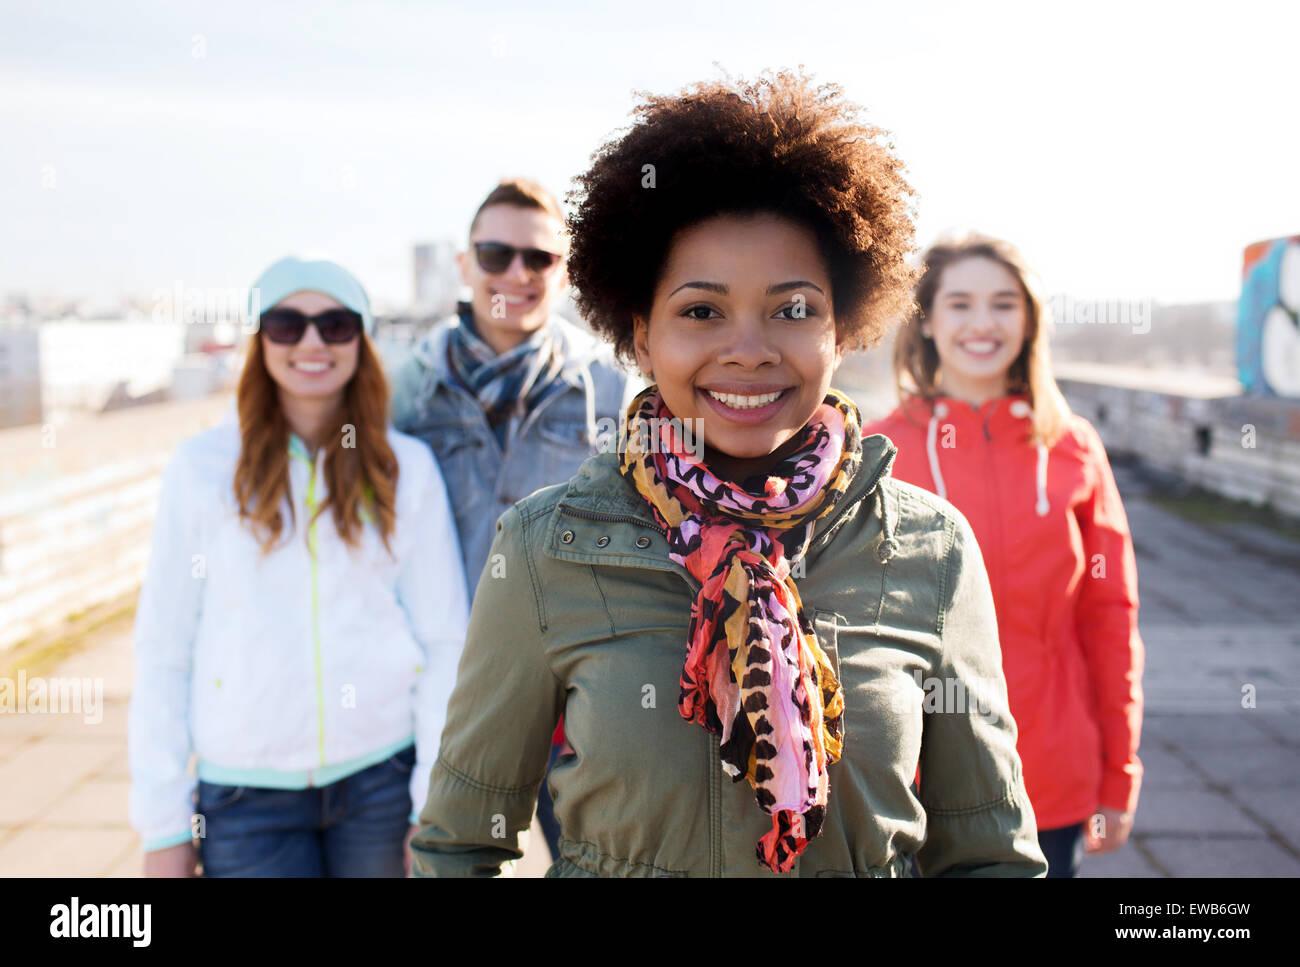 Gruppo di adolescenti felici amici su una strada di città Immagini Stock